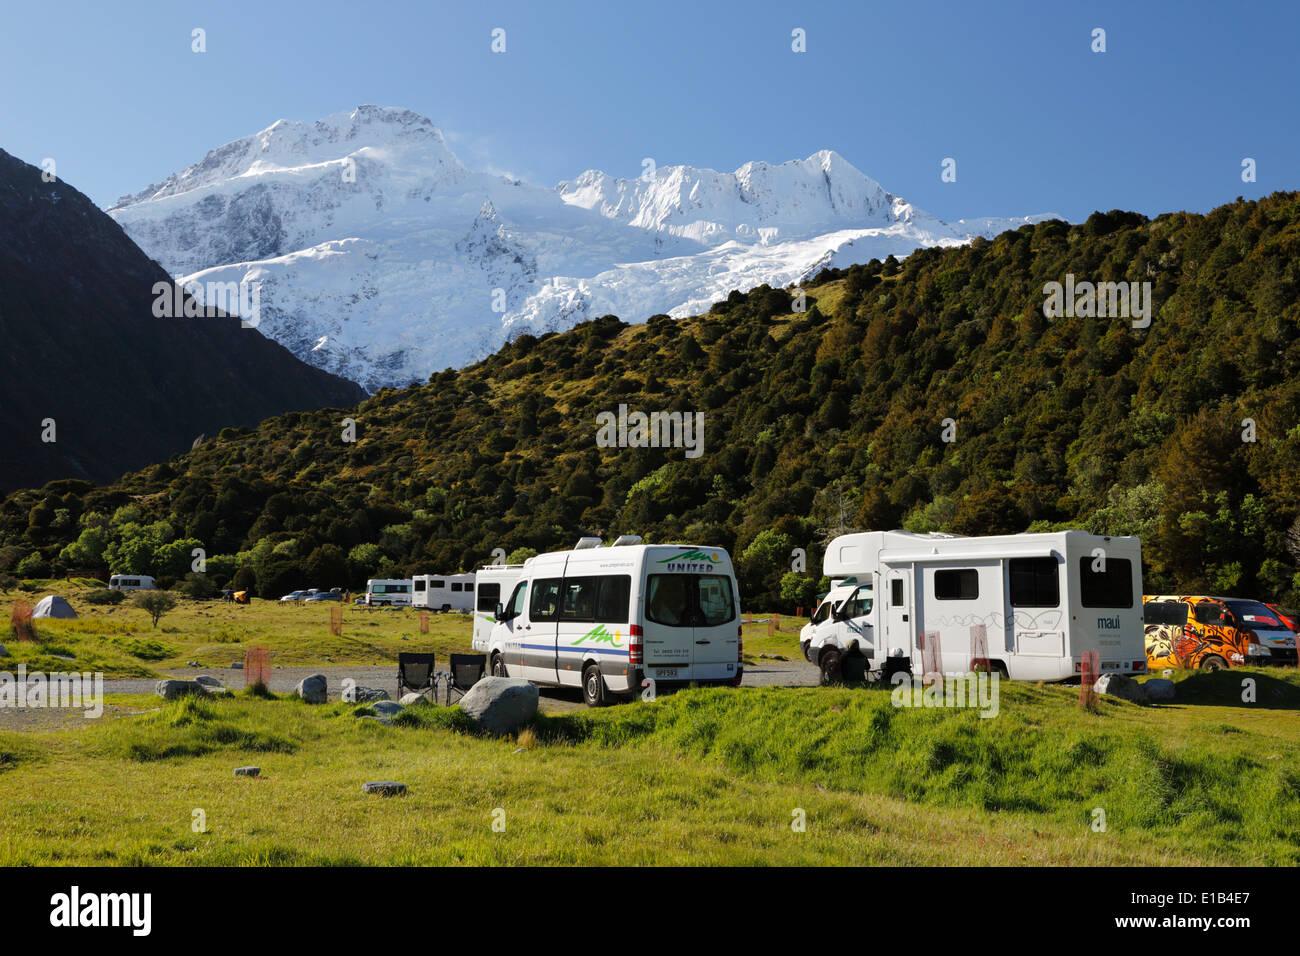 White Horse Hill campsite - Stock Image